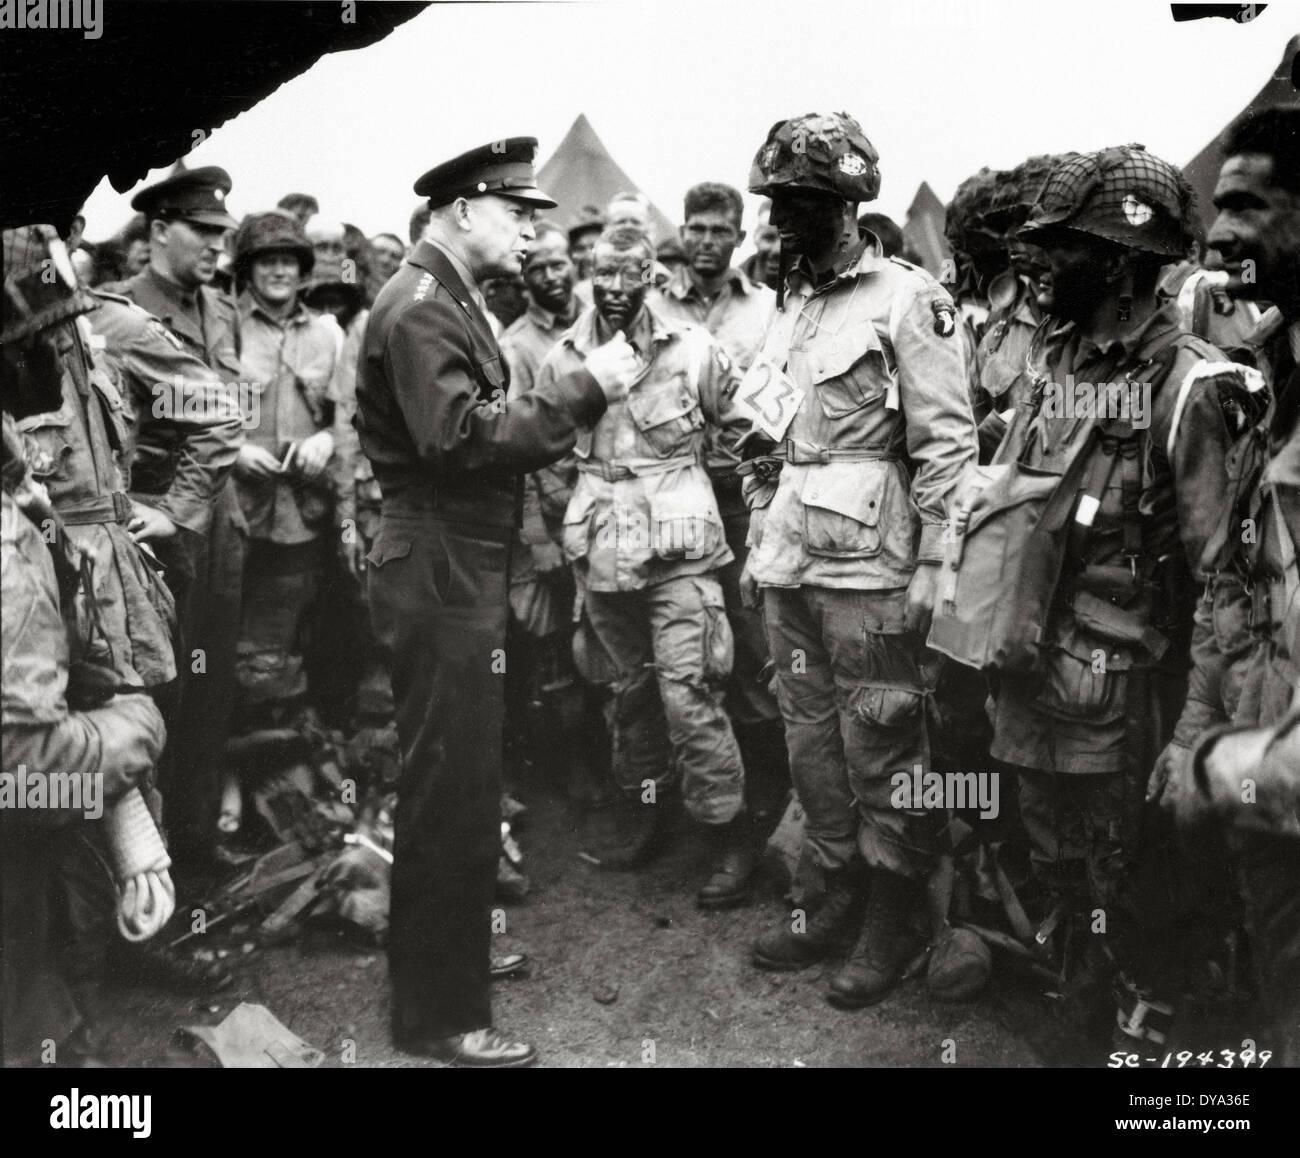 Historique de la Deuxième Guerre mondiale Seconde Guerre mondiale Guerre mondiale Seconde Guerre mondiale l'opération Overlord Overlord invasion hommes Greenham Common airfield 1944 bl face Photo Stock